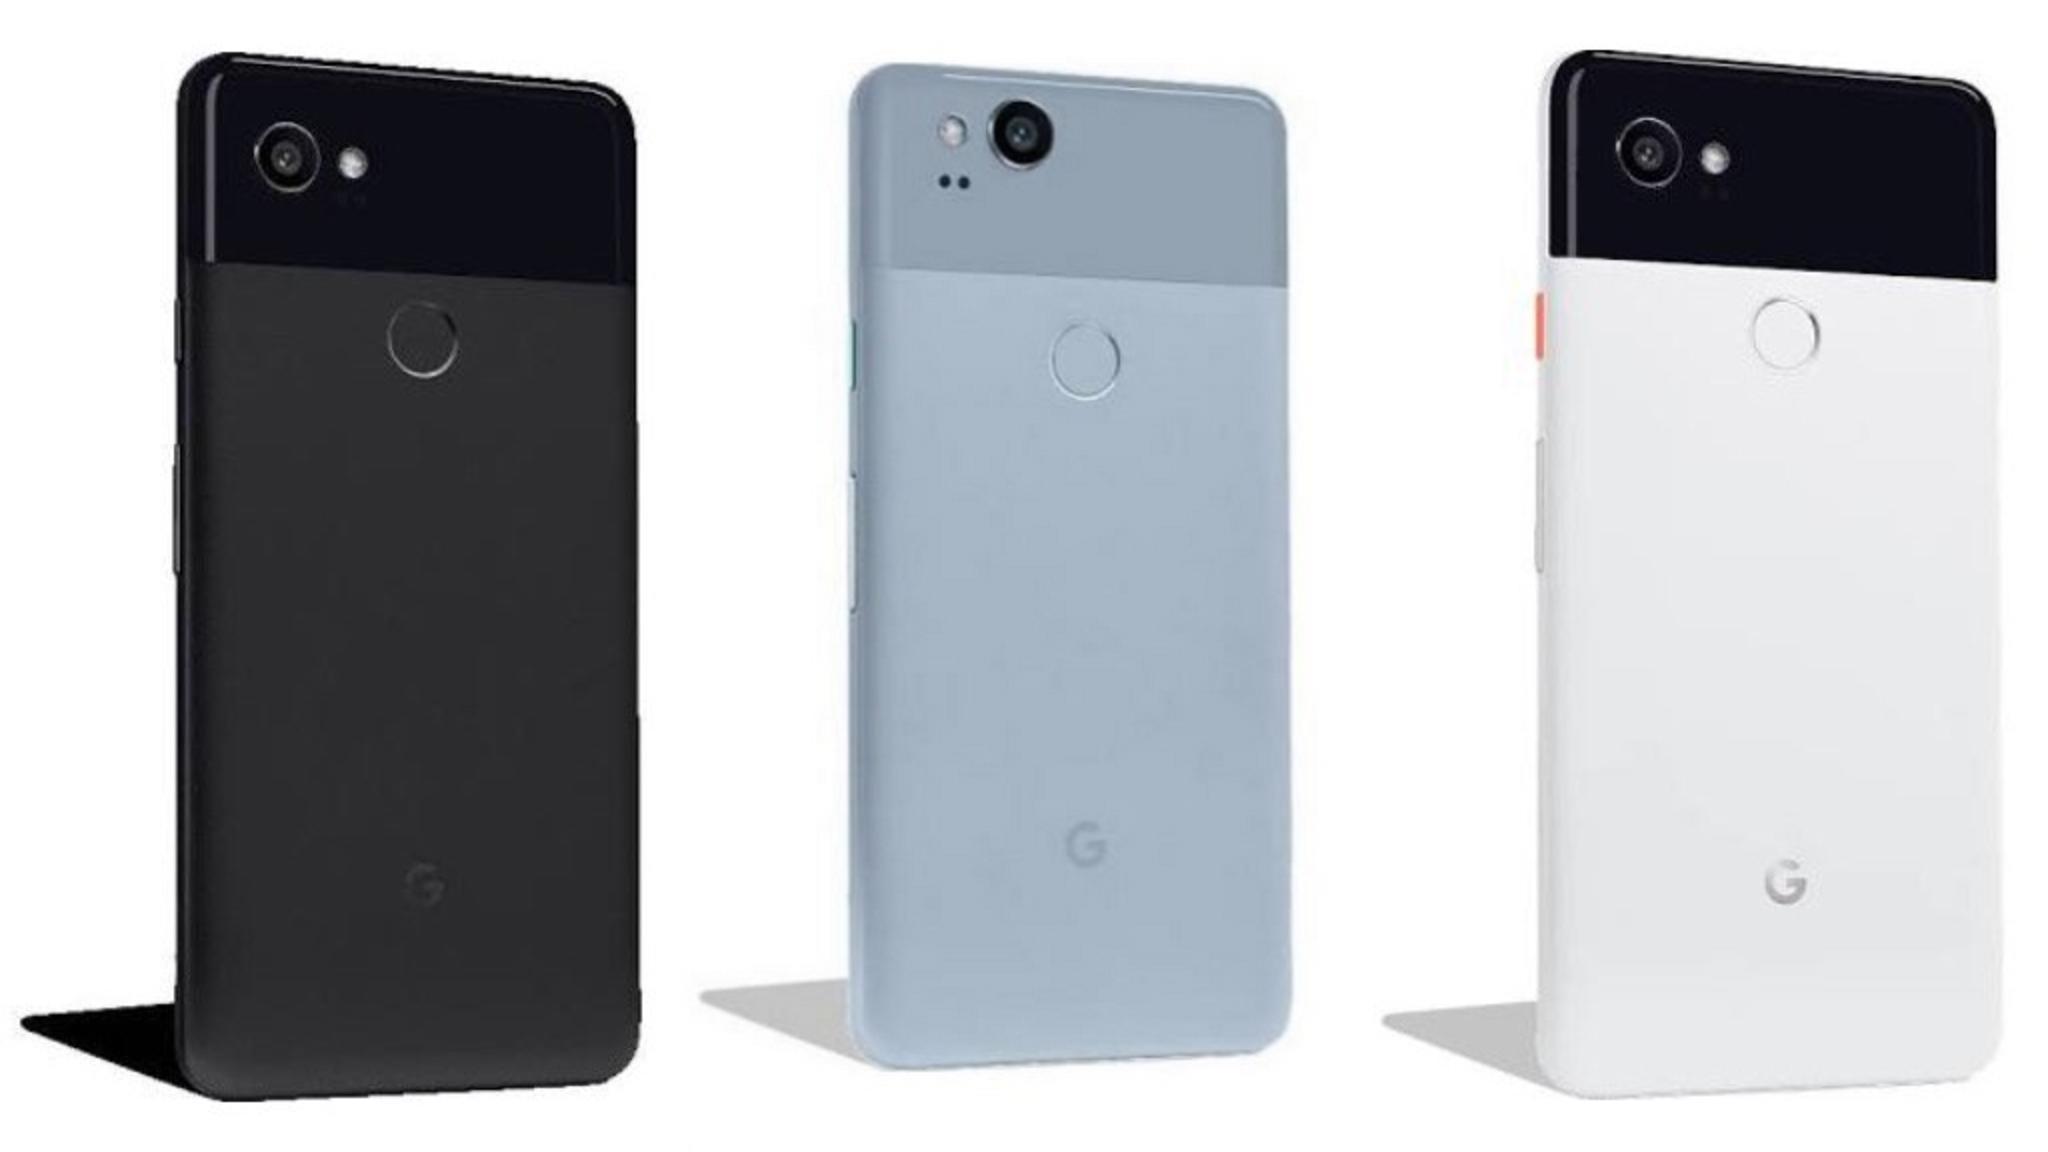 Das Pixel 2 steht in der Mitte, rechts und links das Pixel 2 XL.